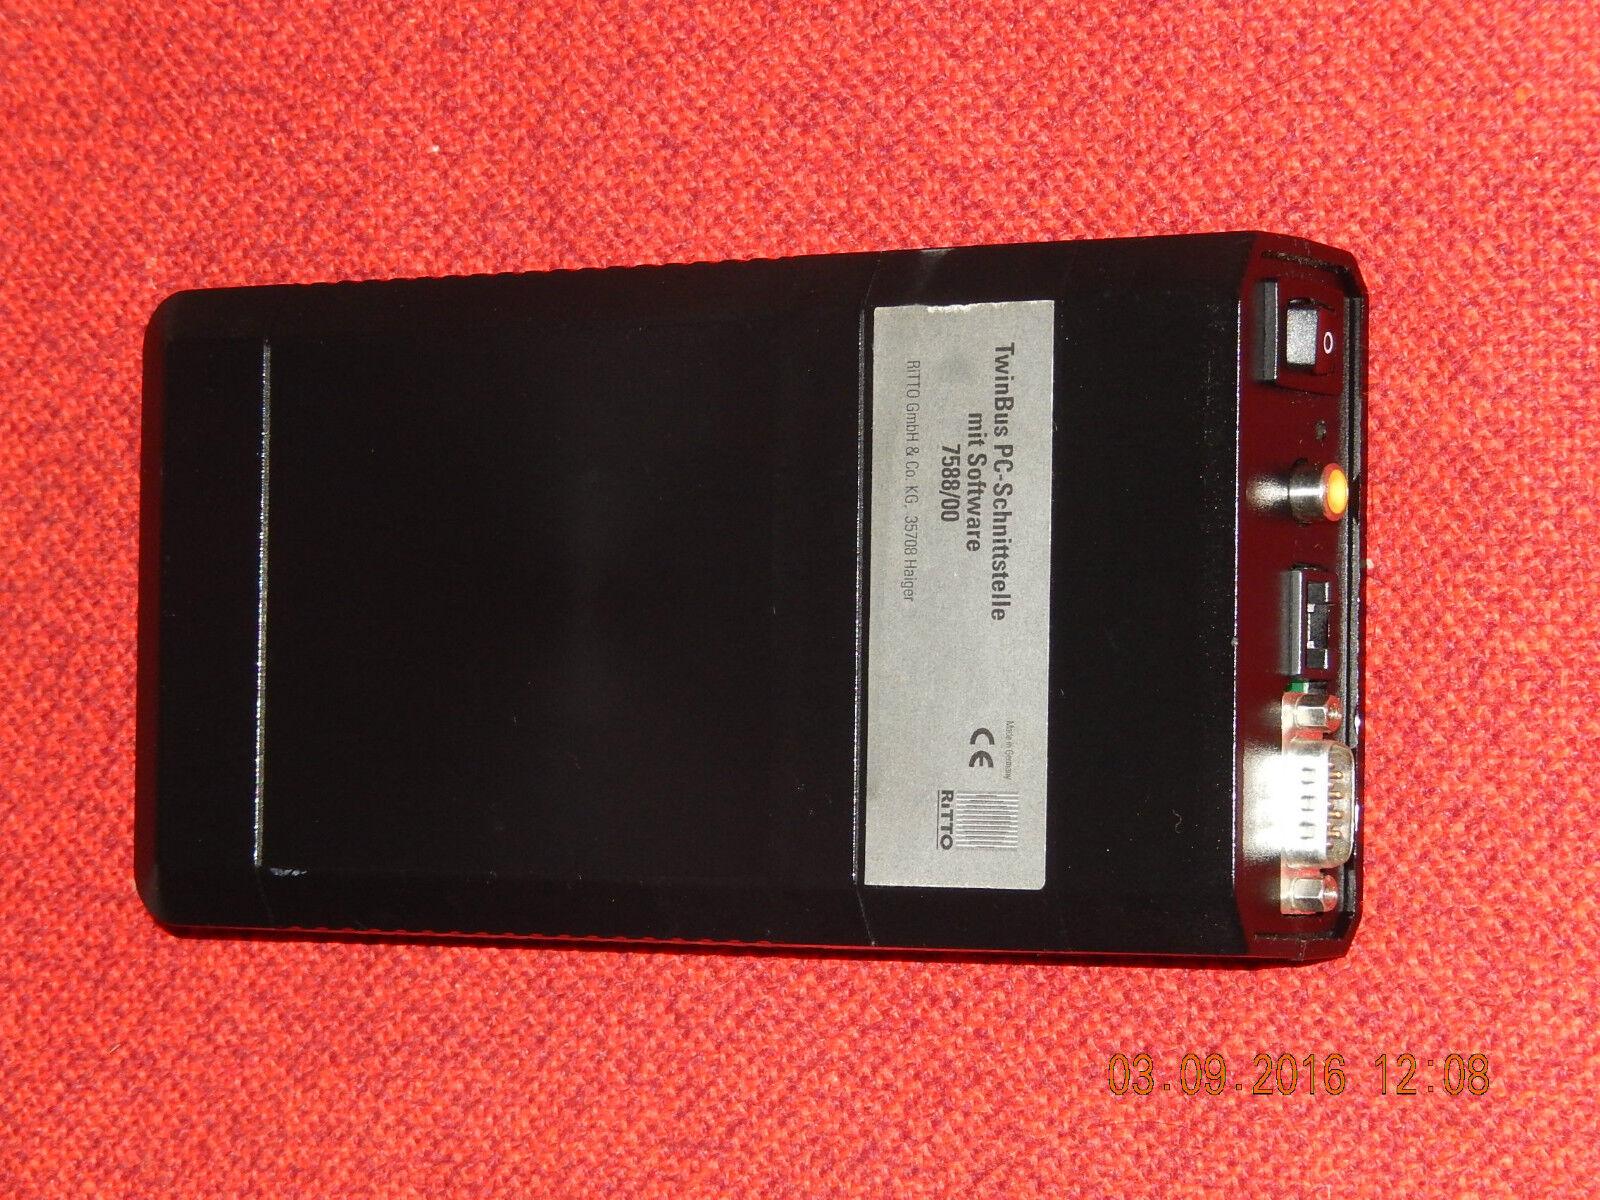 RITTO TwinBus PC-Schnittstelle mit Software 7588 00 geprüft, als Vorführgerät